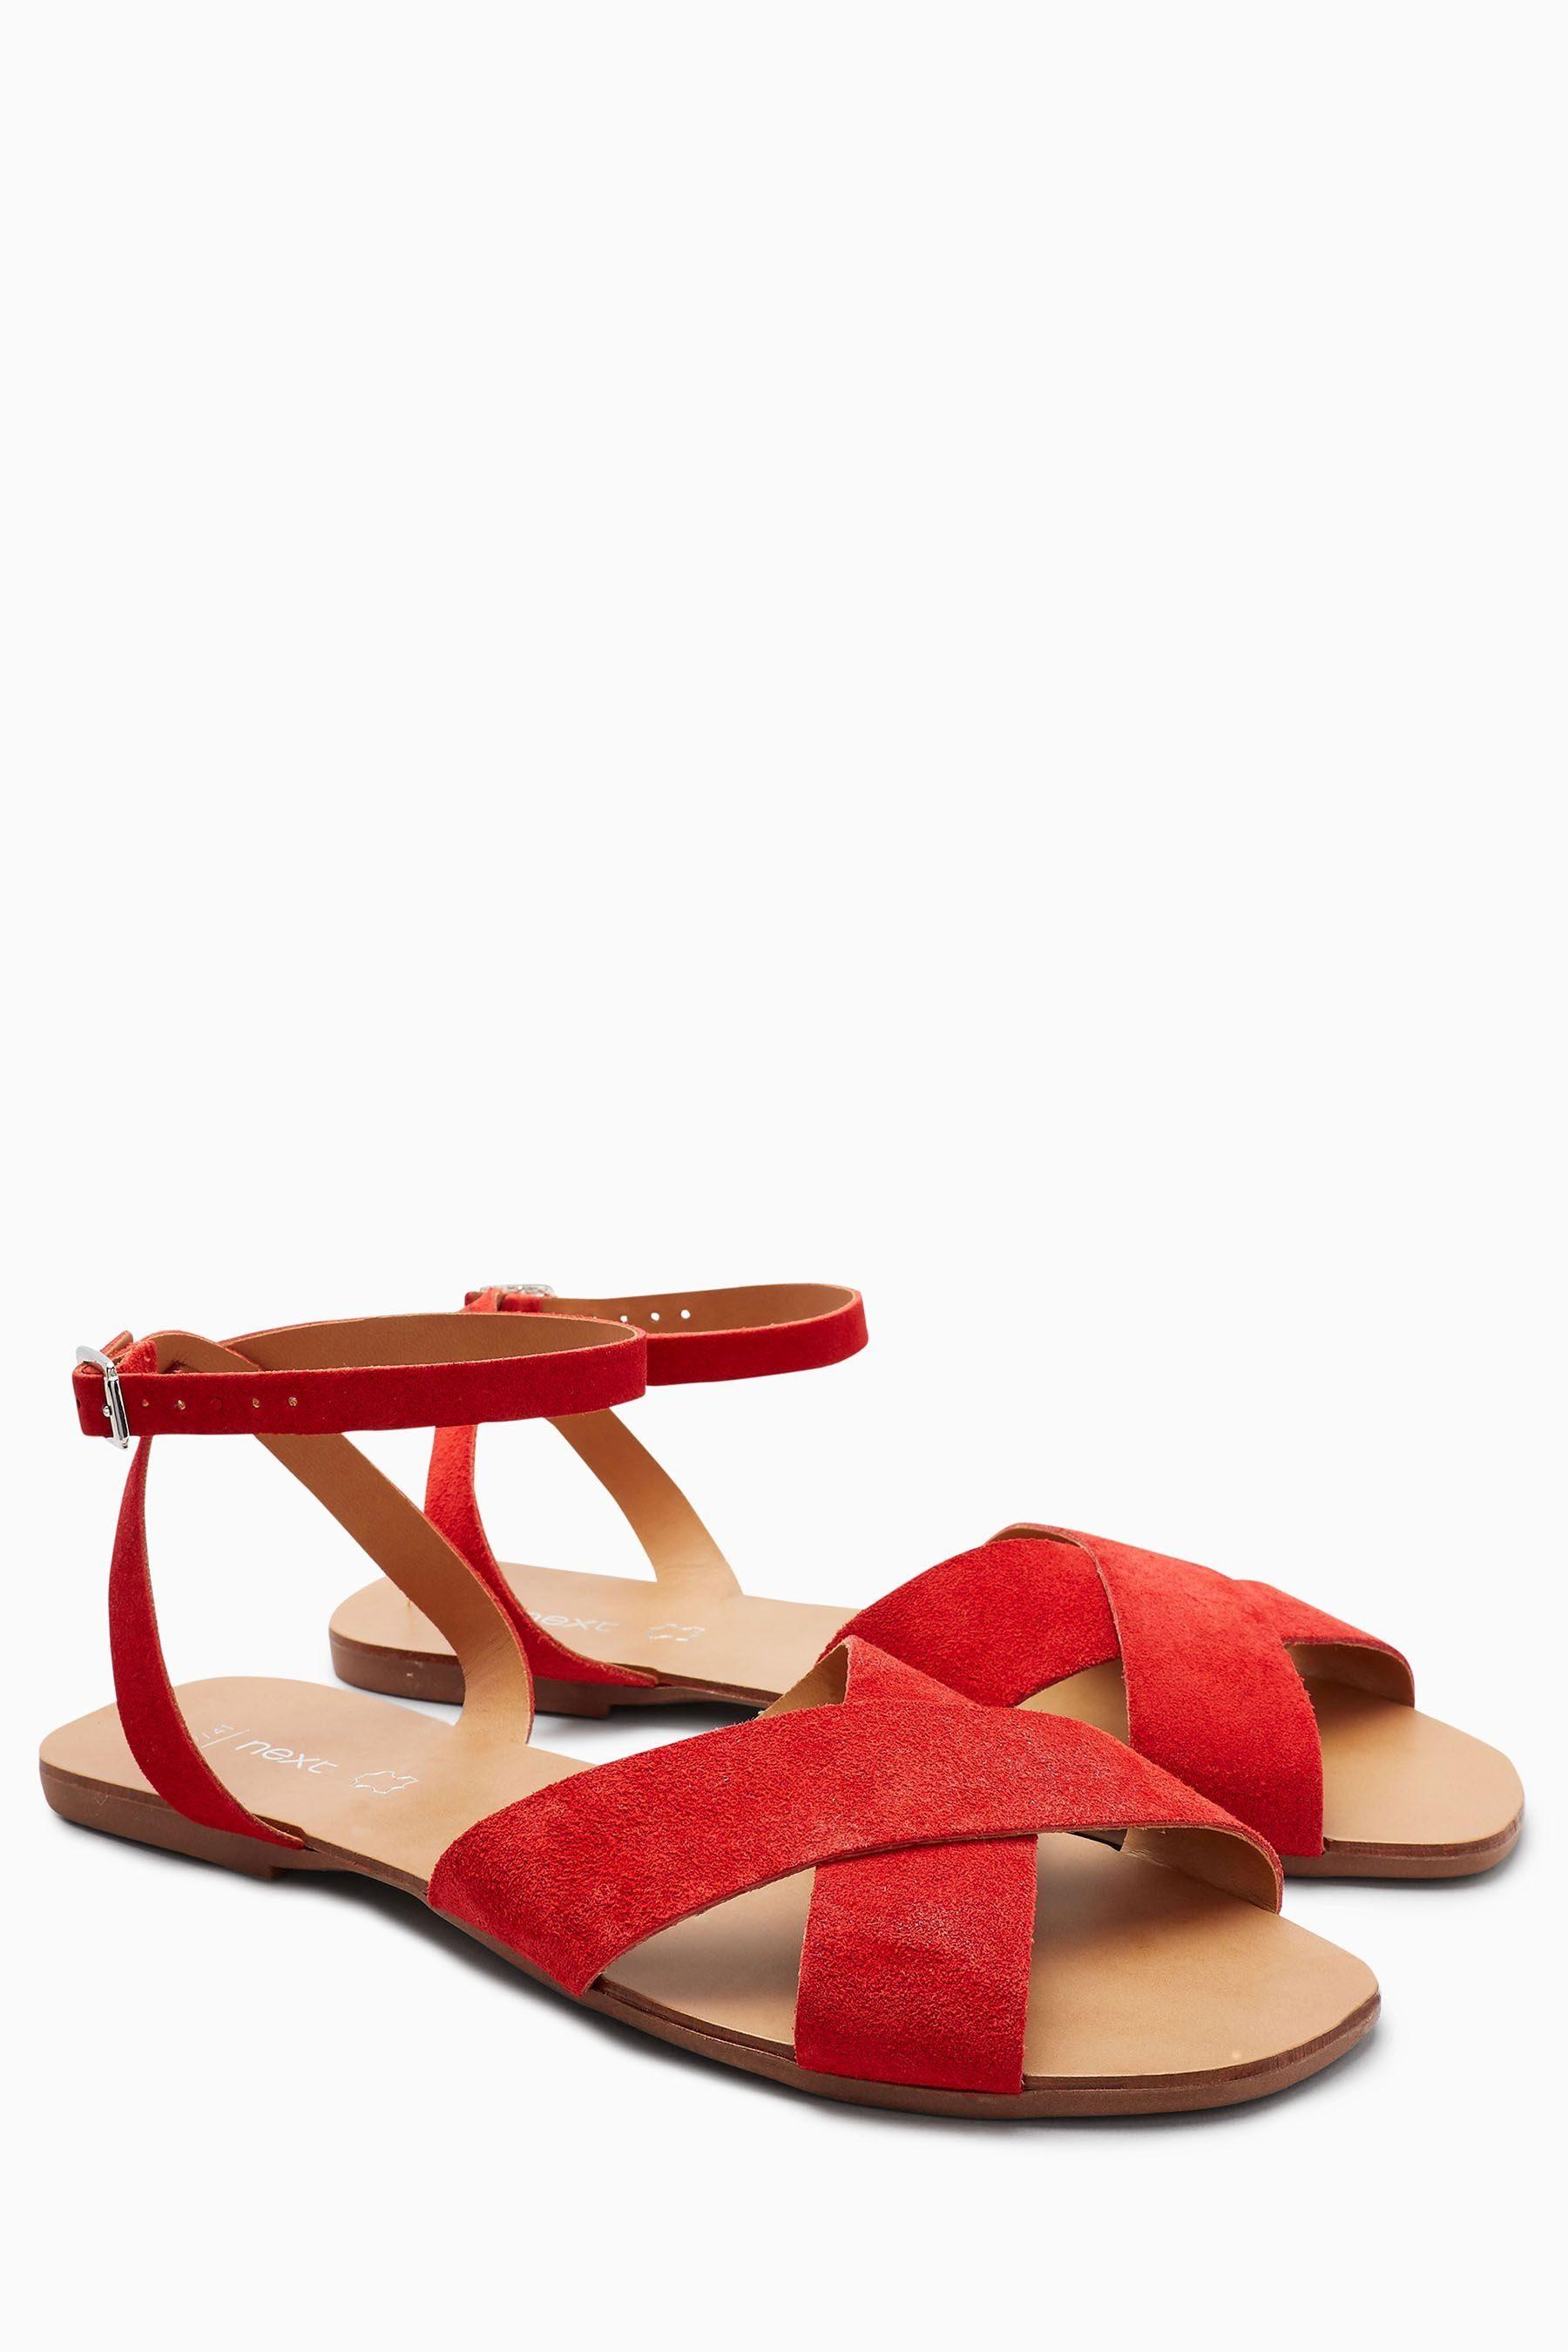 Next Veloursleder-Sandale mit überkreuzten Riemen  Red